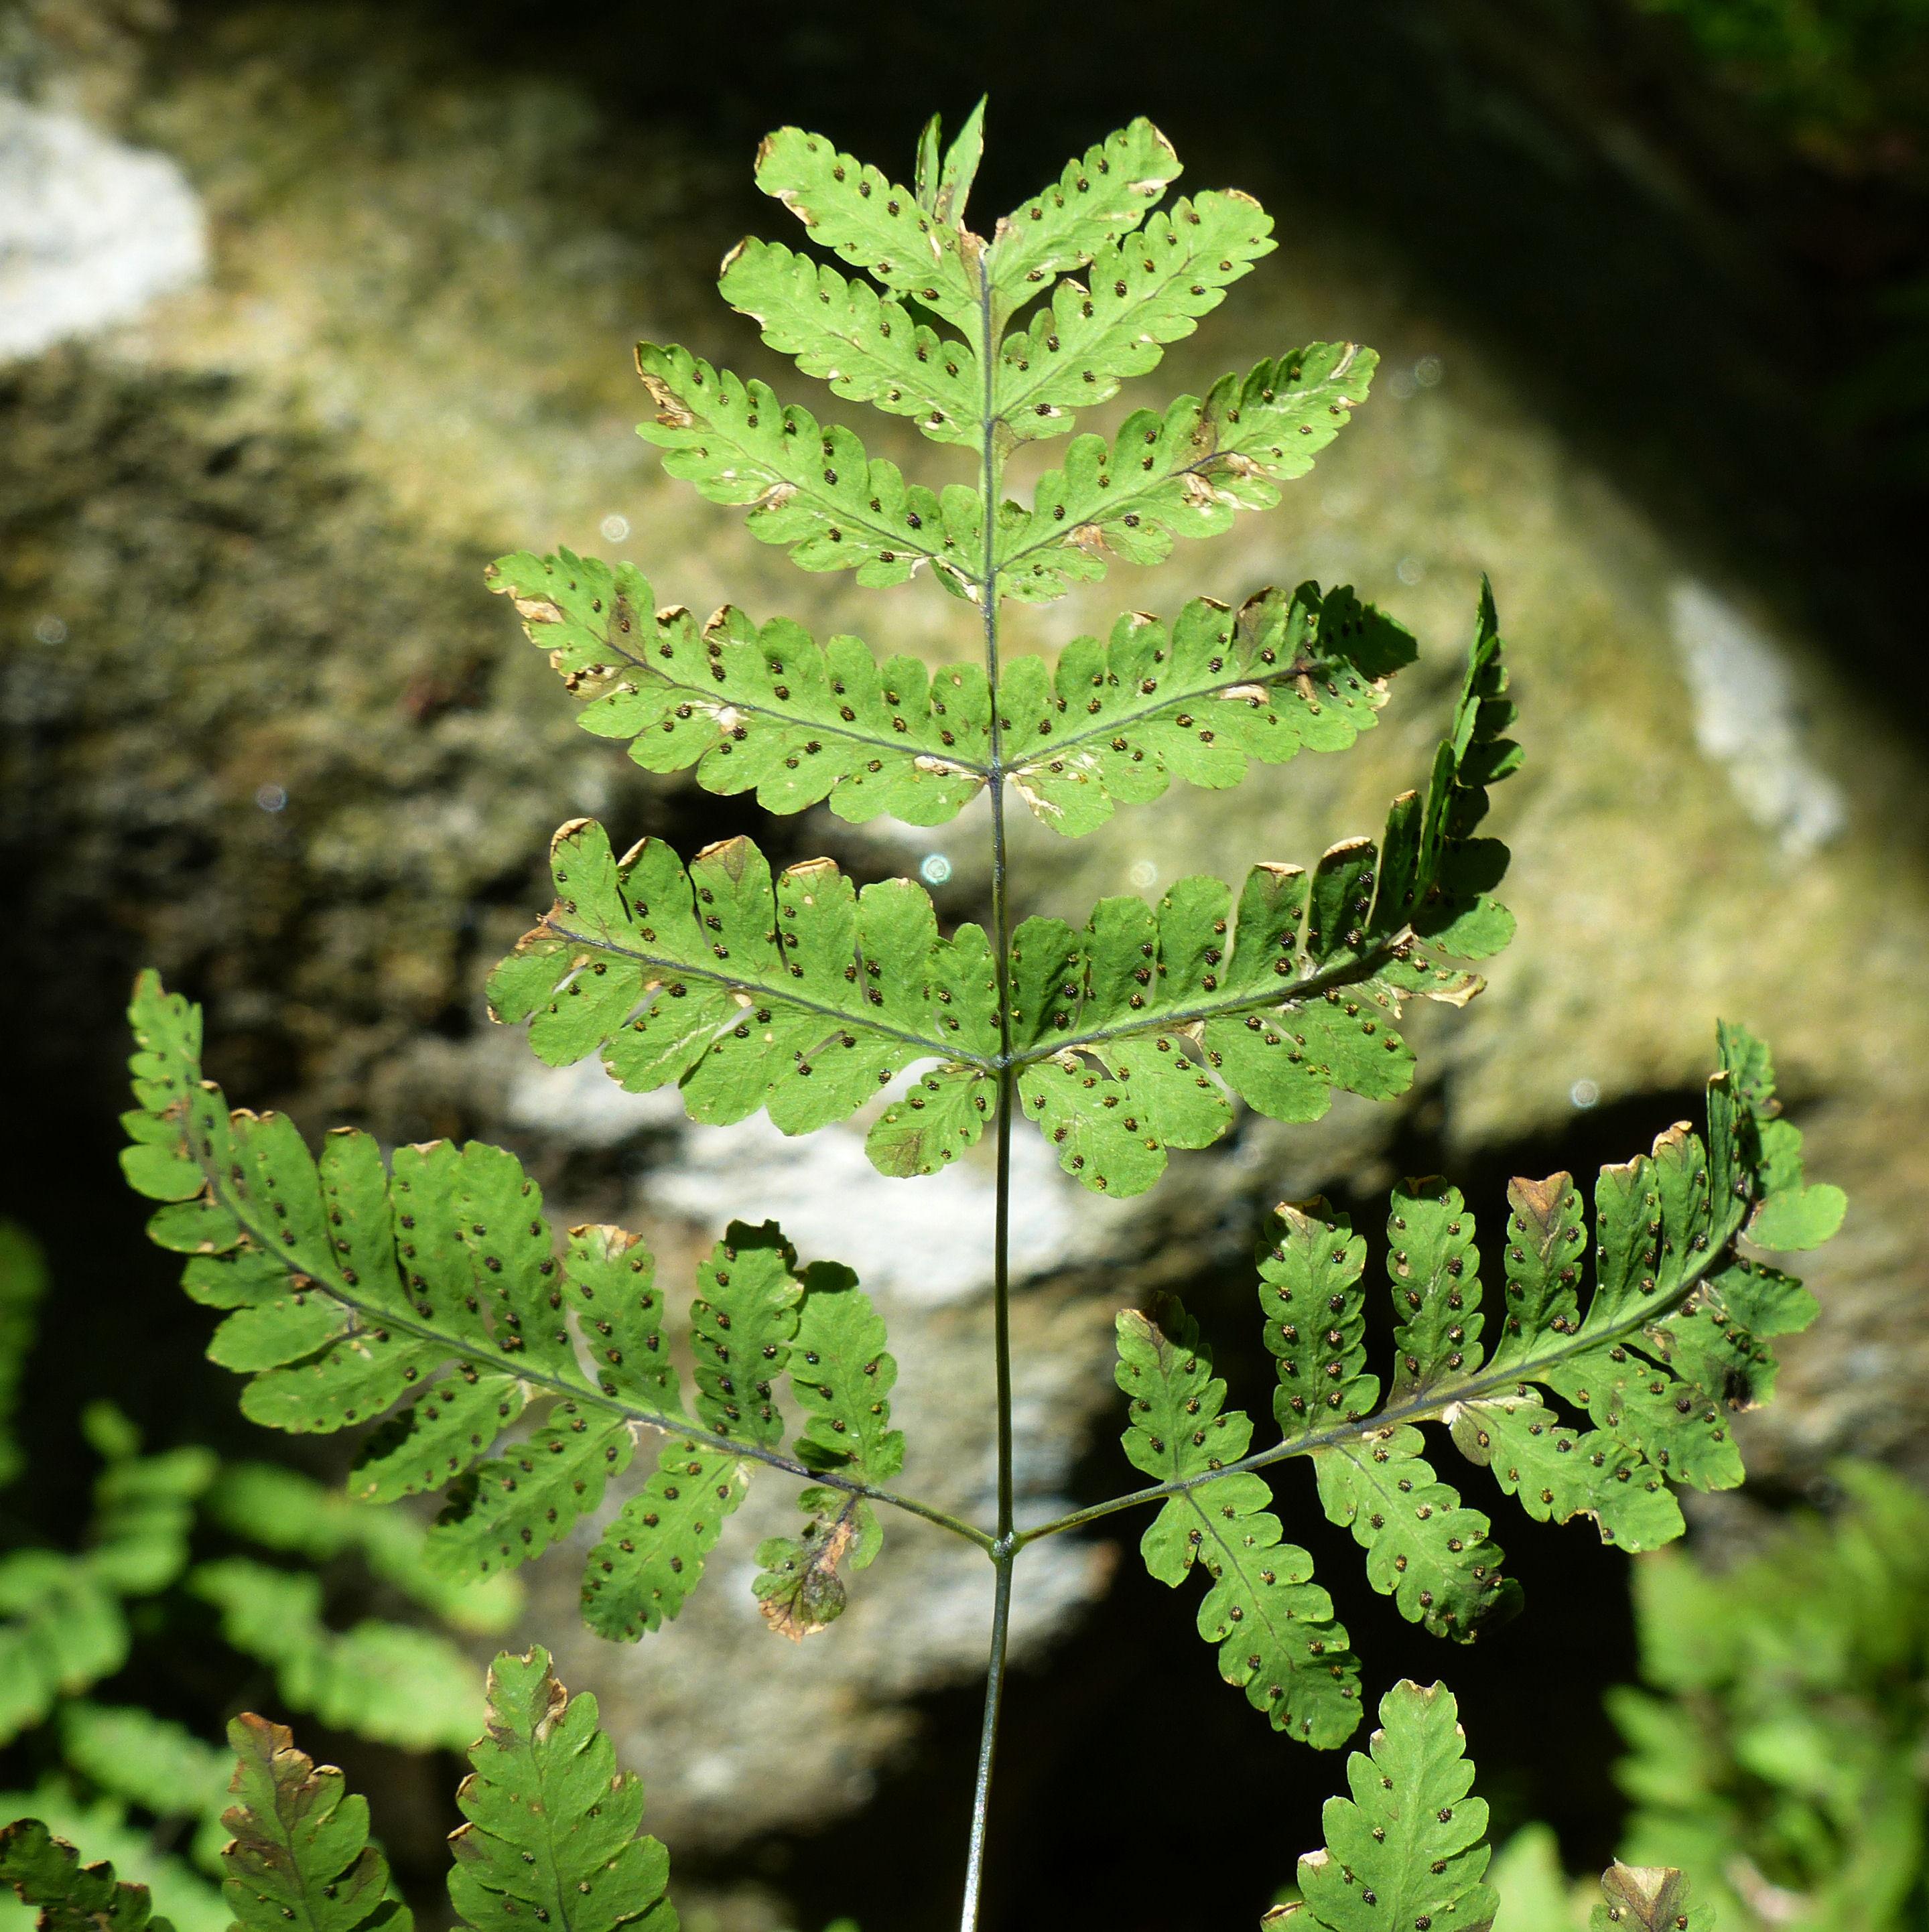 © Dipartimento di Scienze della Vita, Università di Trieste<br>by Andrea Moro<br>Comune di Biella, Giardino Botanico di Oropa, BI, Piemonte, Italia, 18/07/2016<br>Distributed under CC-BY-SA 4.0 license.